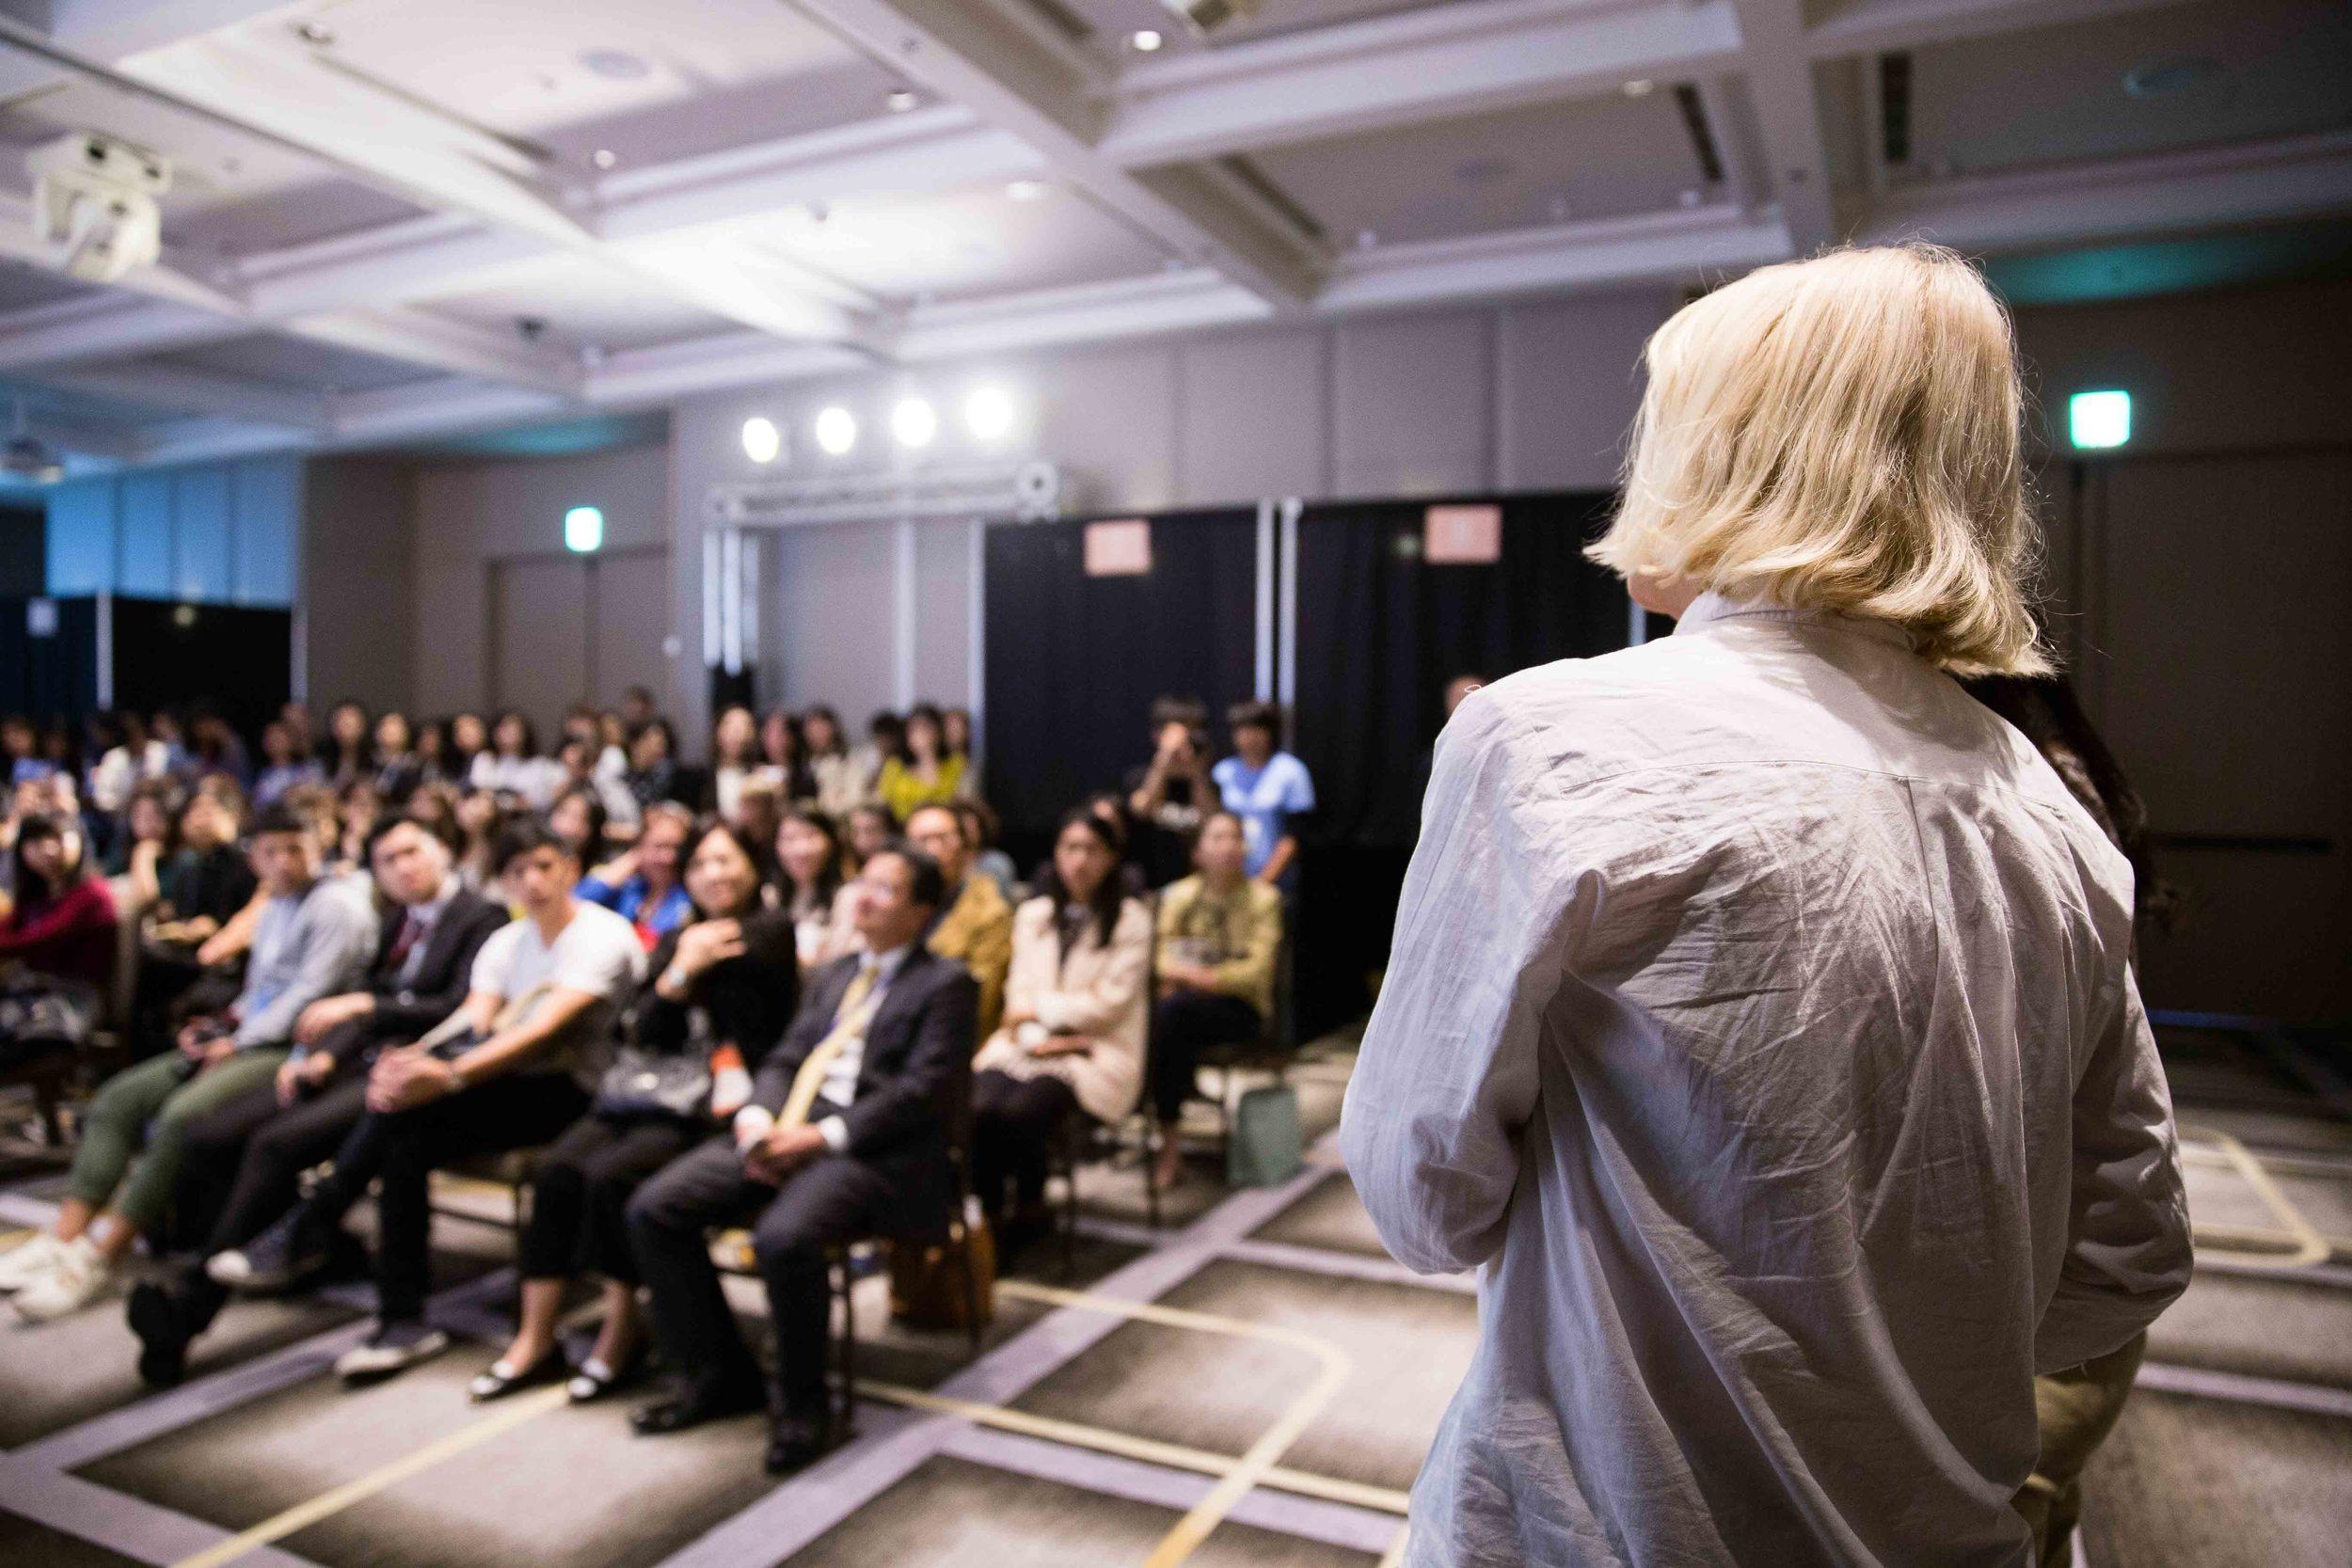 Wuz_newwebsite_event_173.JPG